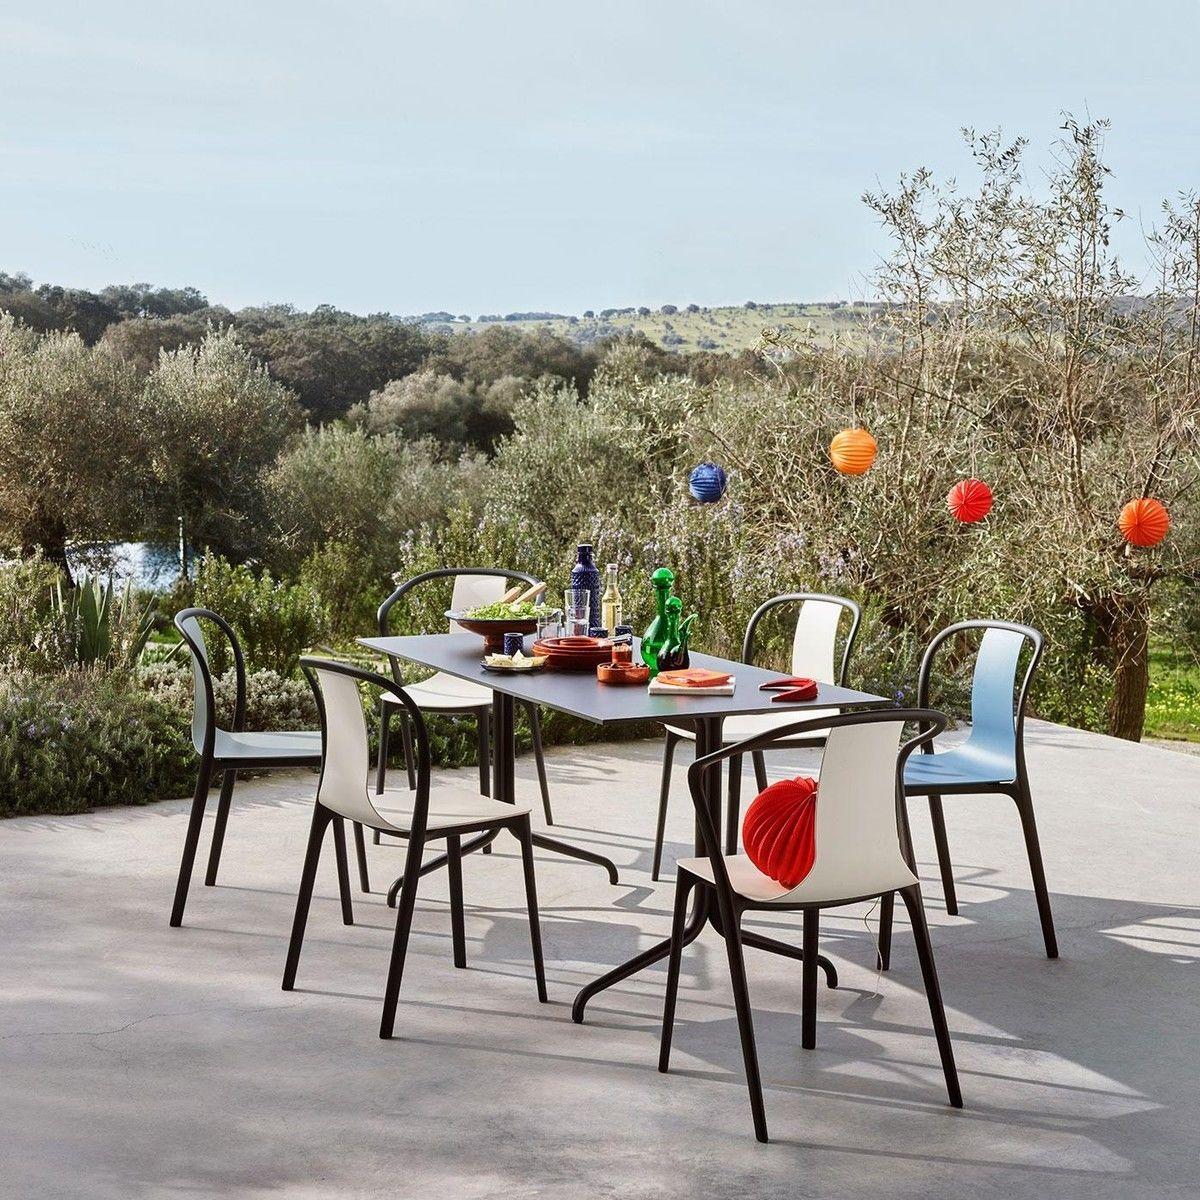 Belleville chair plastic chaise de jardin vitra erwan bouroullec ambi - Chaise de jardin pvc ...